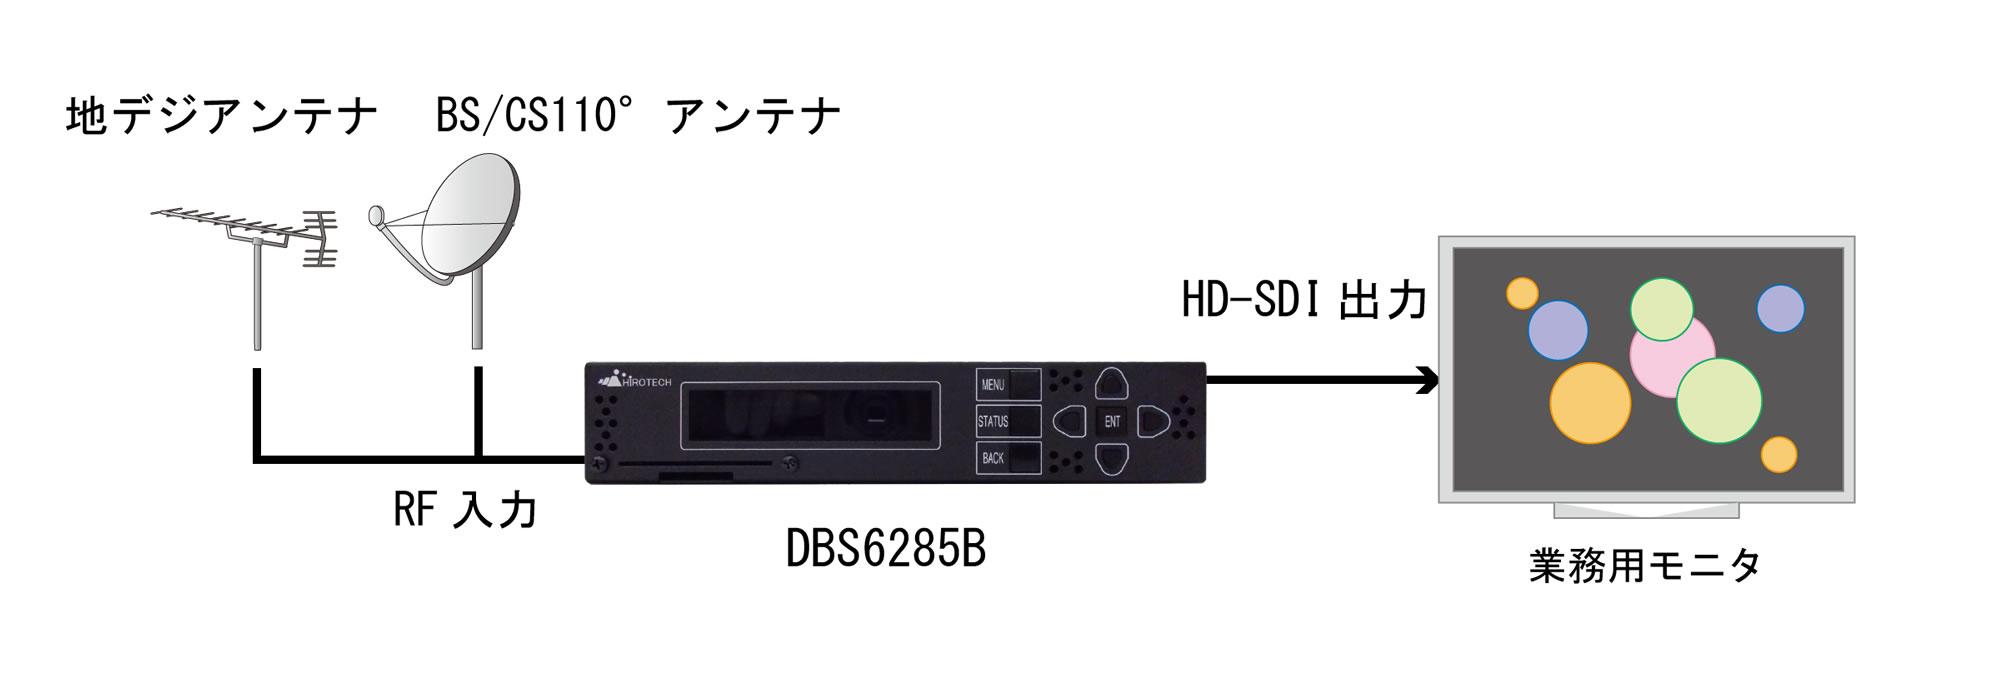 B-CASデスクランブル デコーダ